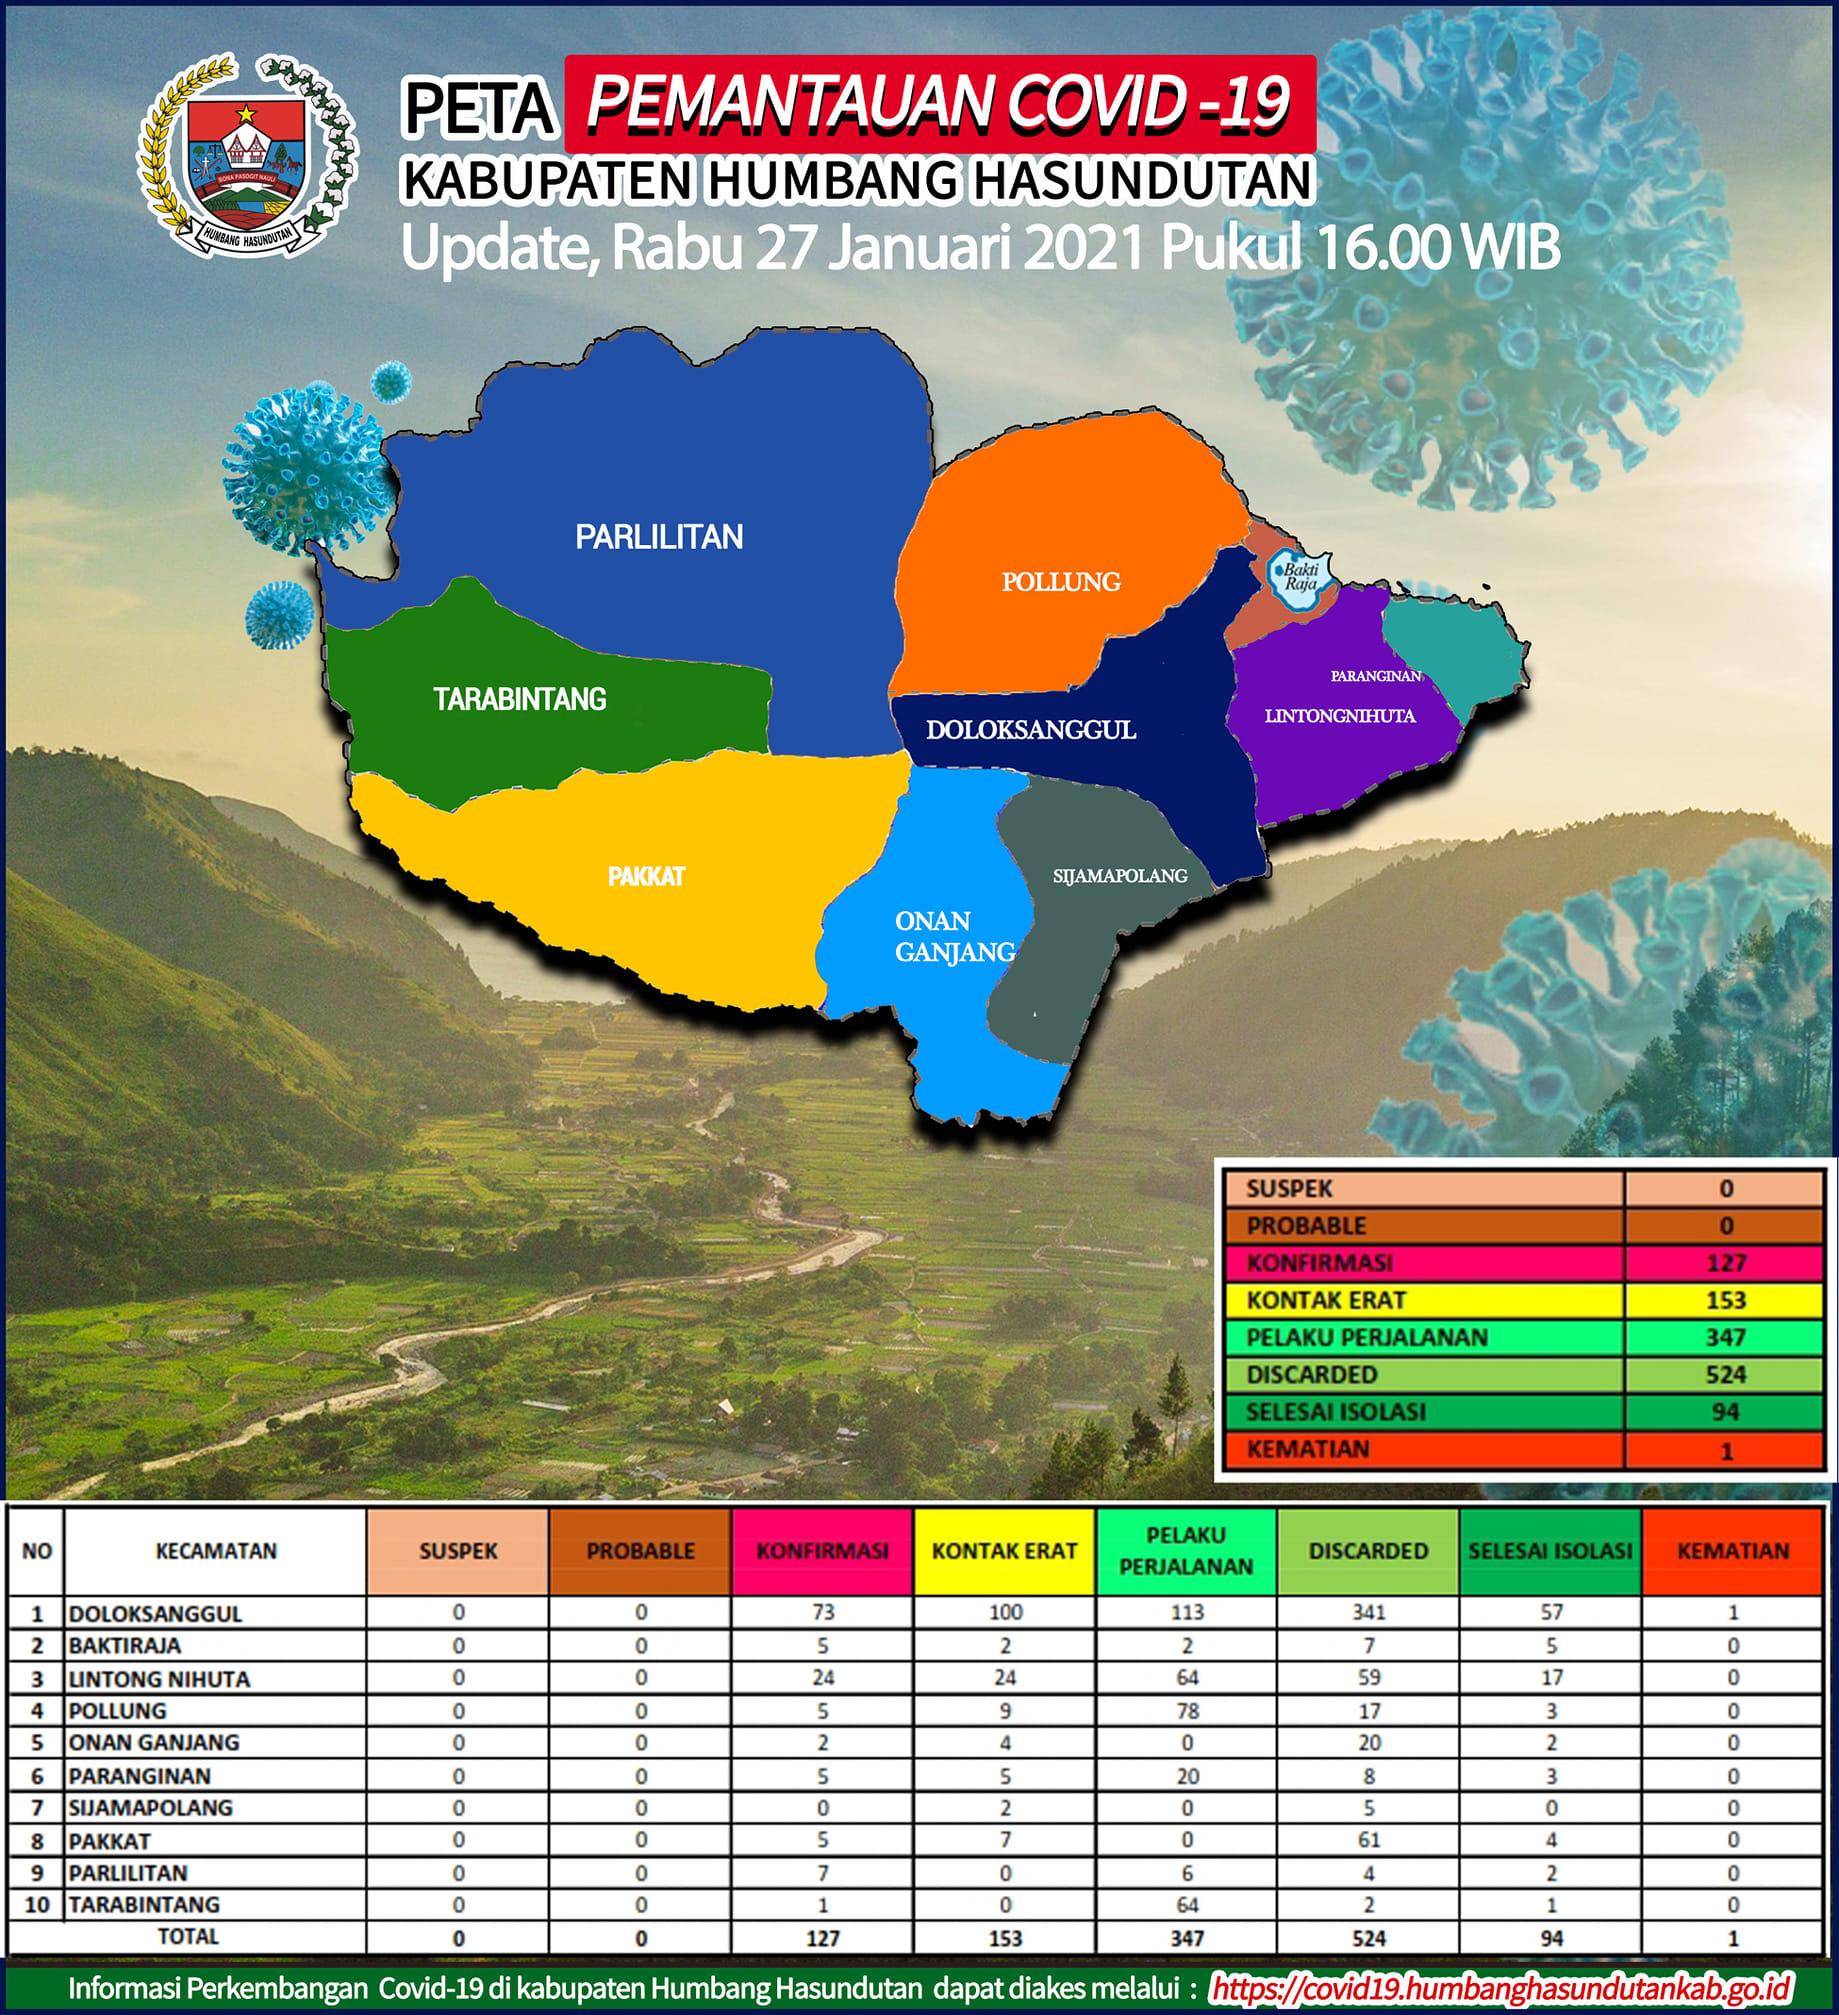 Peta Pemantauan Covid-19 Pemerintah Kabupaten Humbang Hasundutan Tanggal 27 Januari 2021 s/d pukul 16.00 WIB